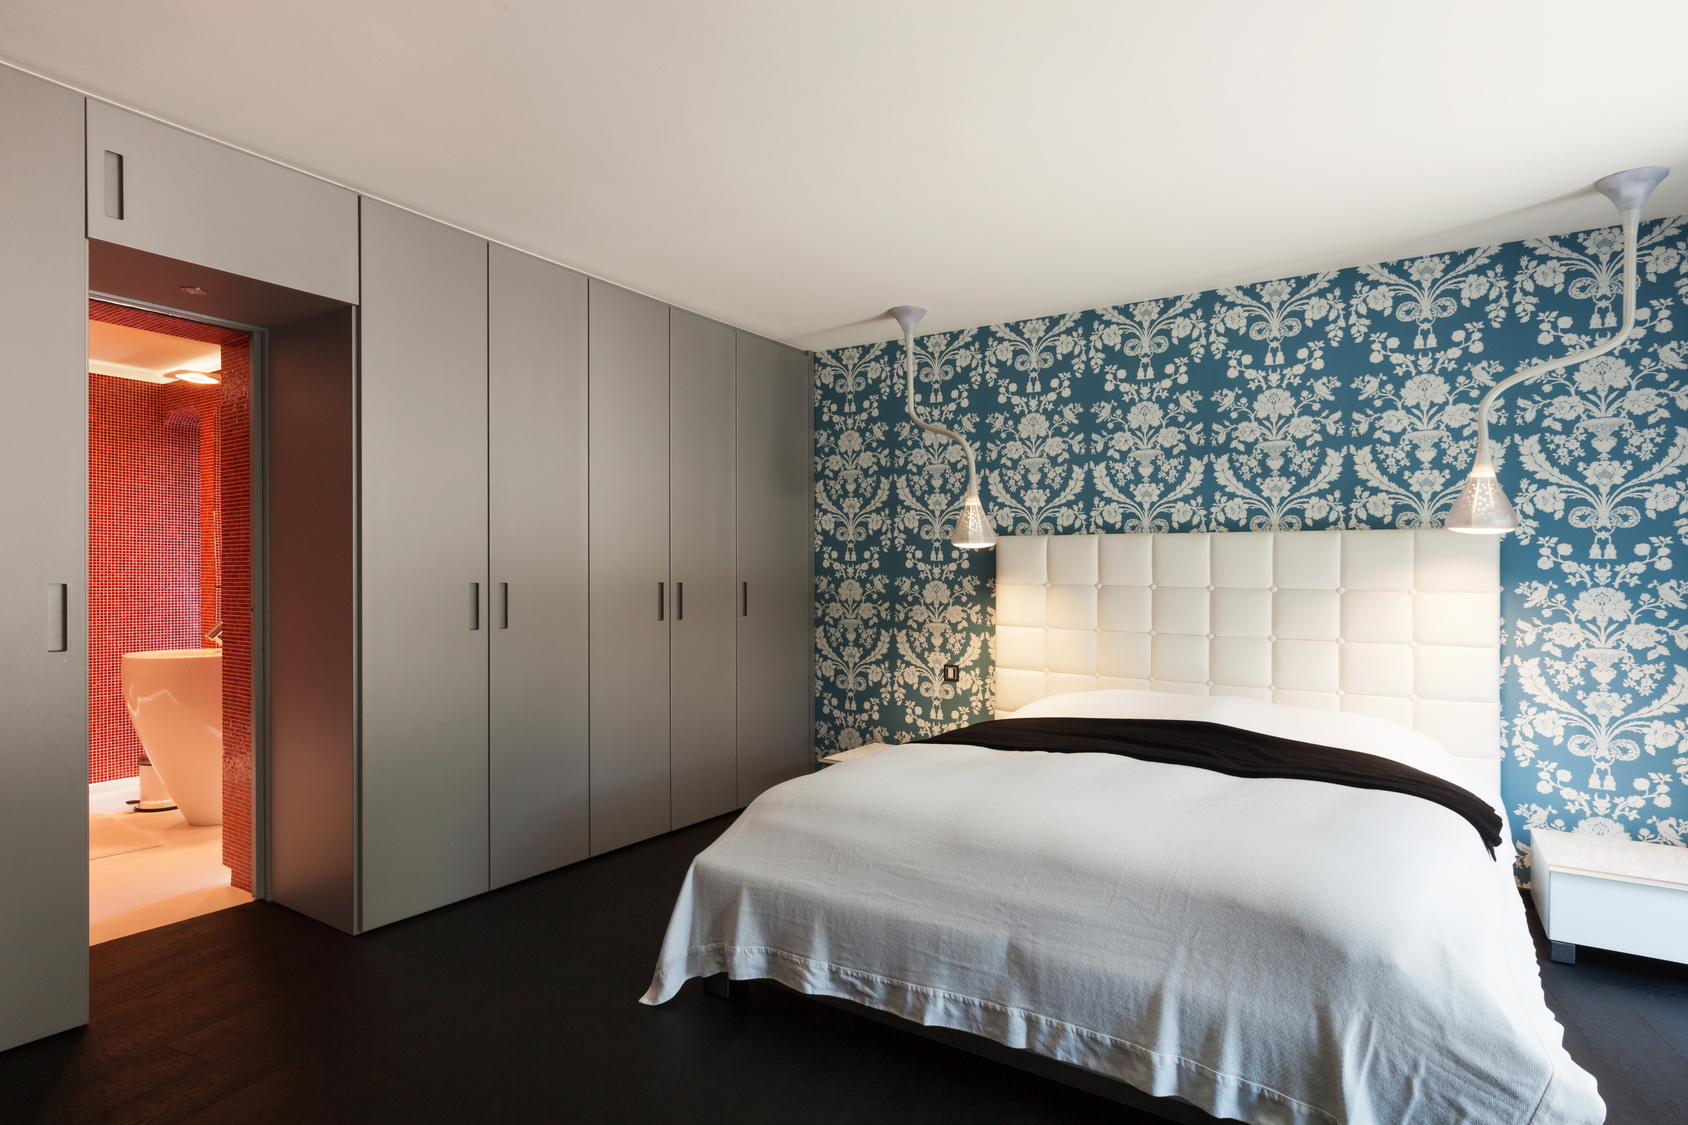 Шкаф вокруг дверного проема - стильное и экономичное решение.